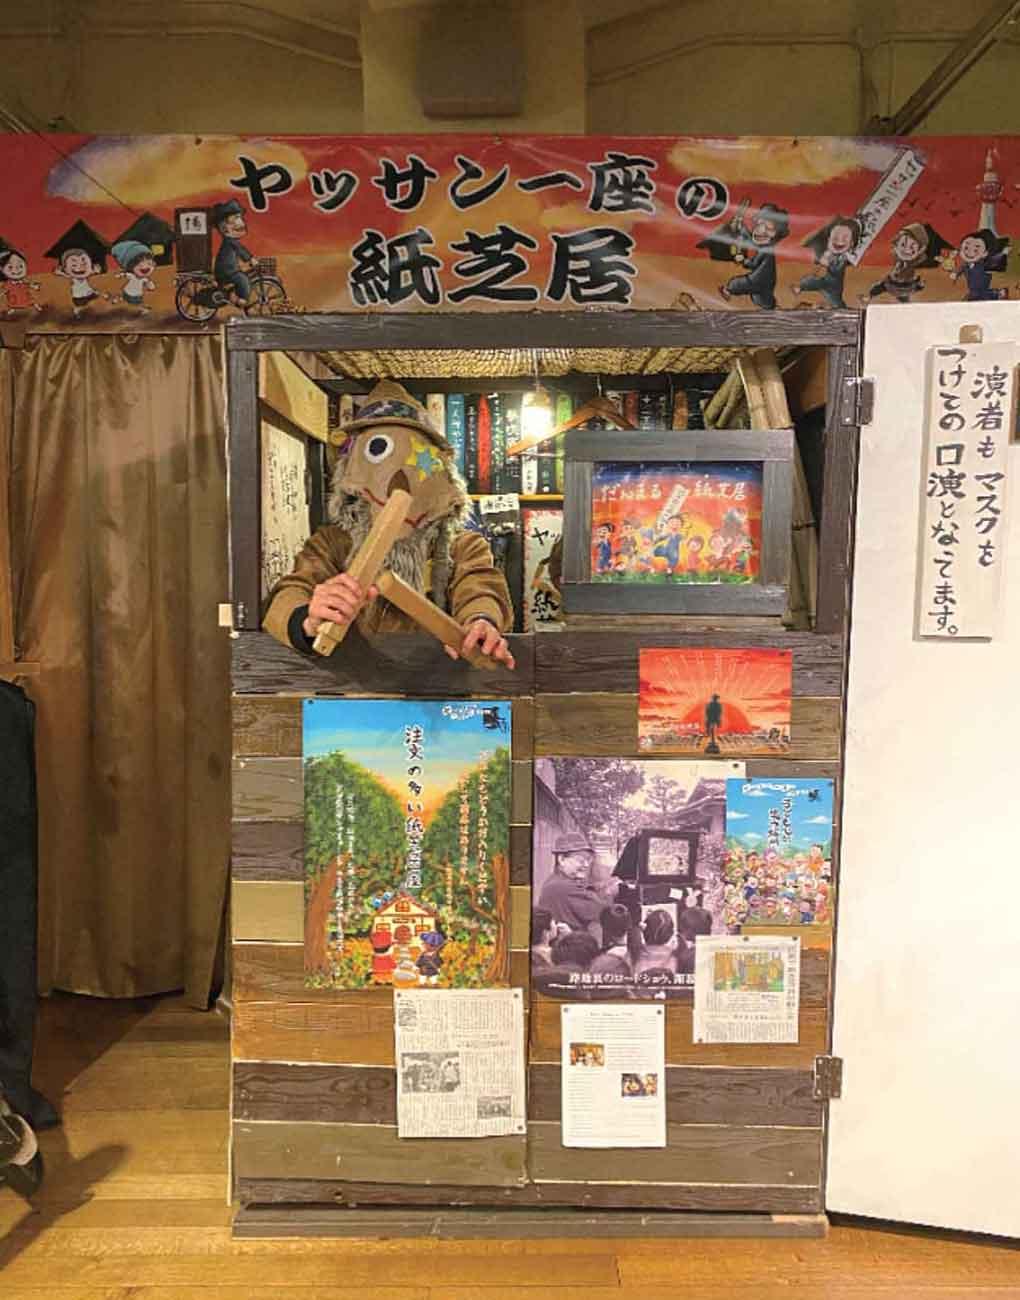 京都マンガミュージアム常設「ヤッサン一座の紙芝居」